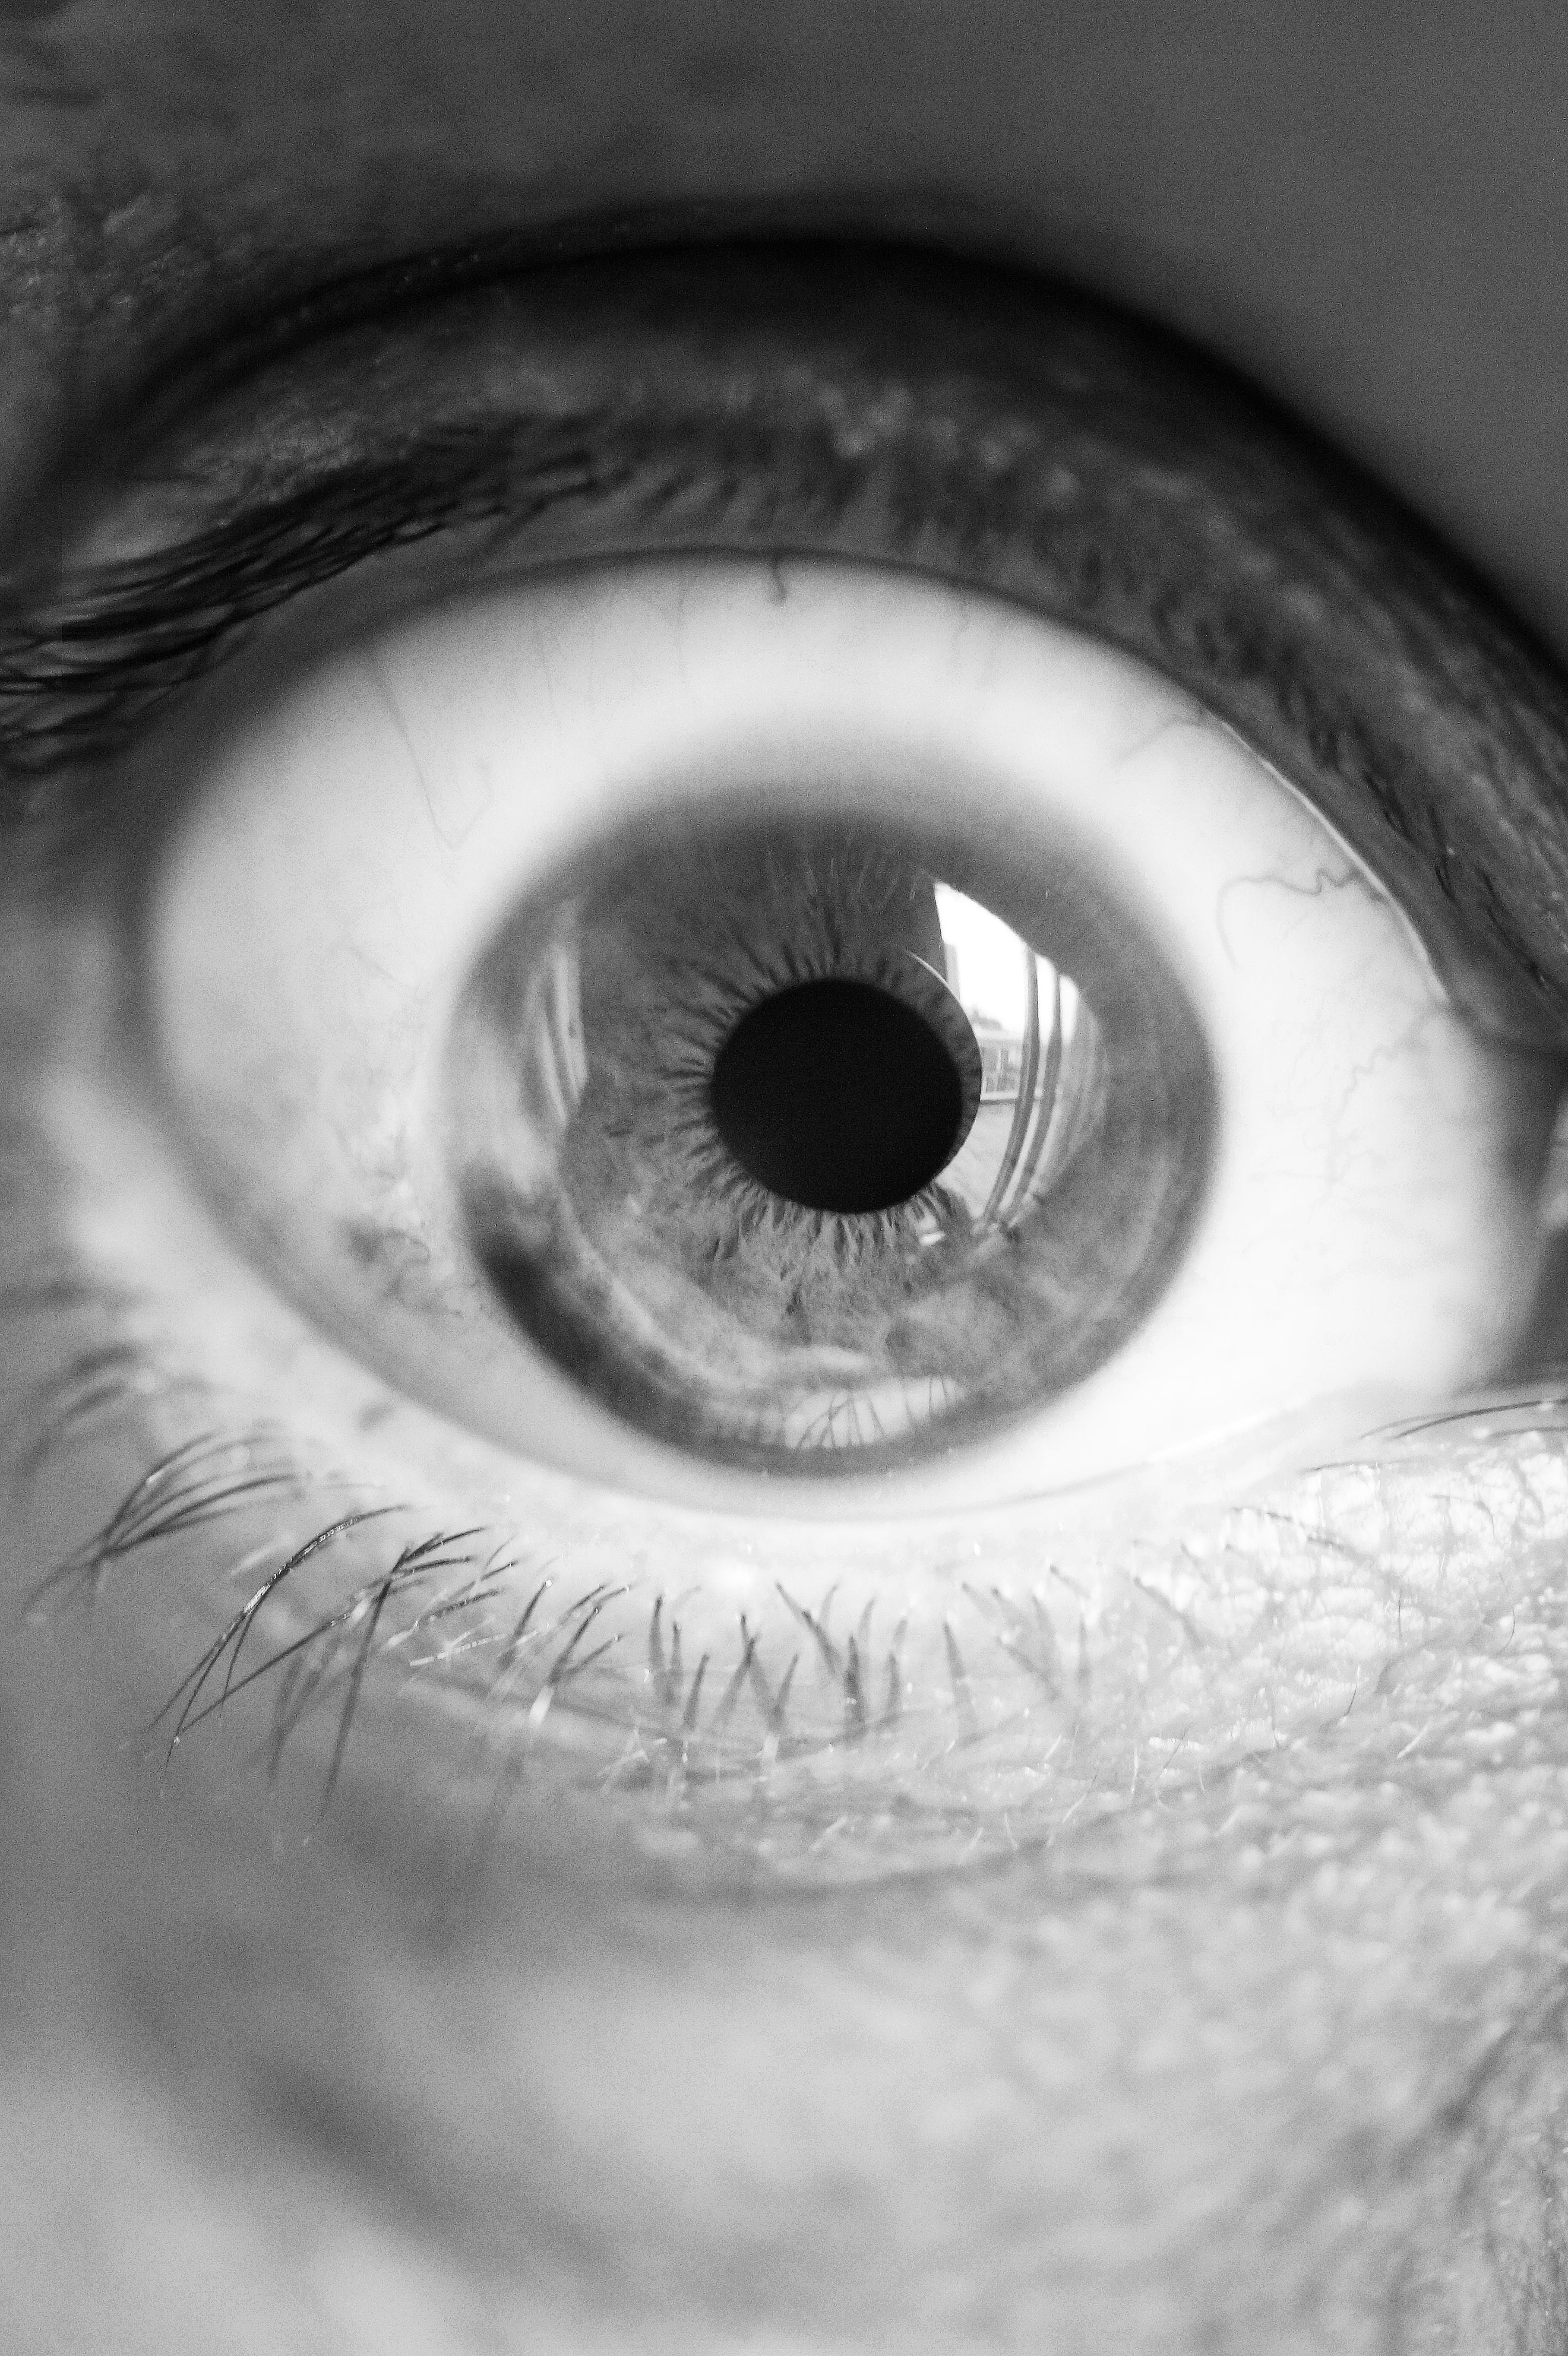 Immagine gratuita di bianco e nero, occhio, primo piano, visione